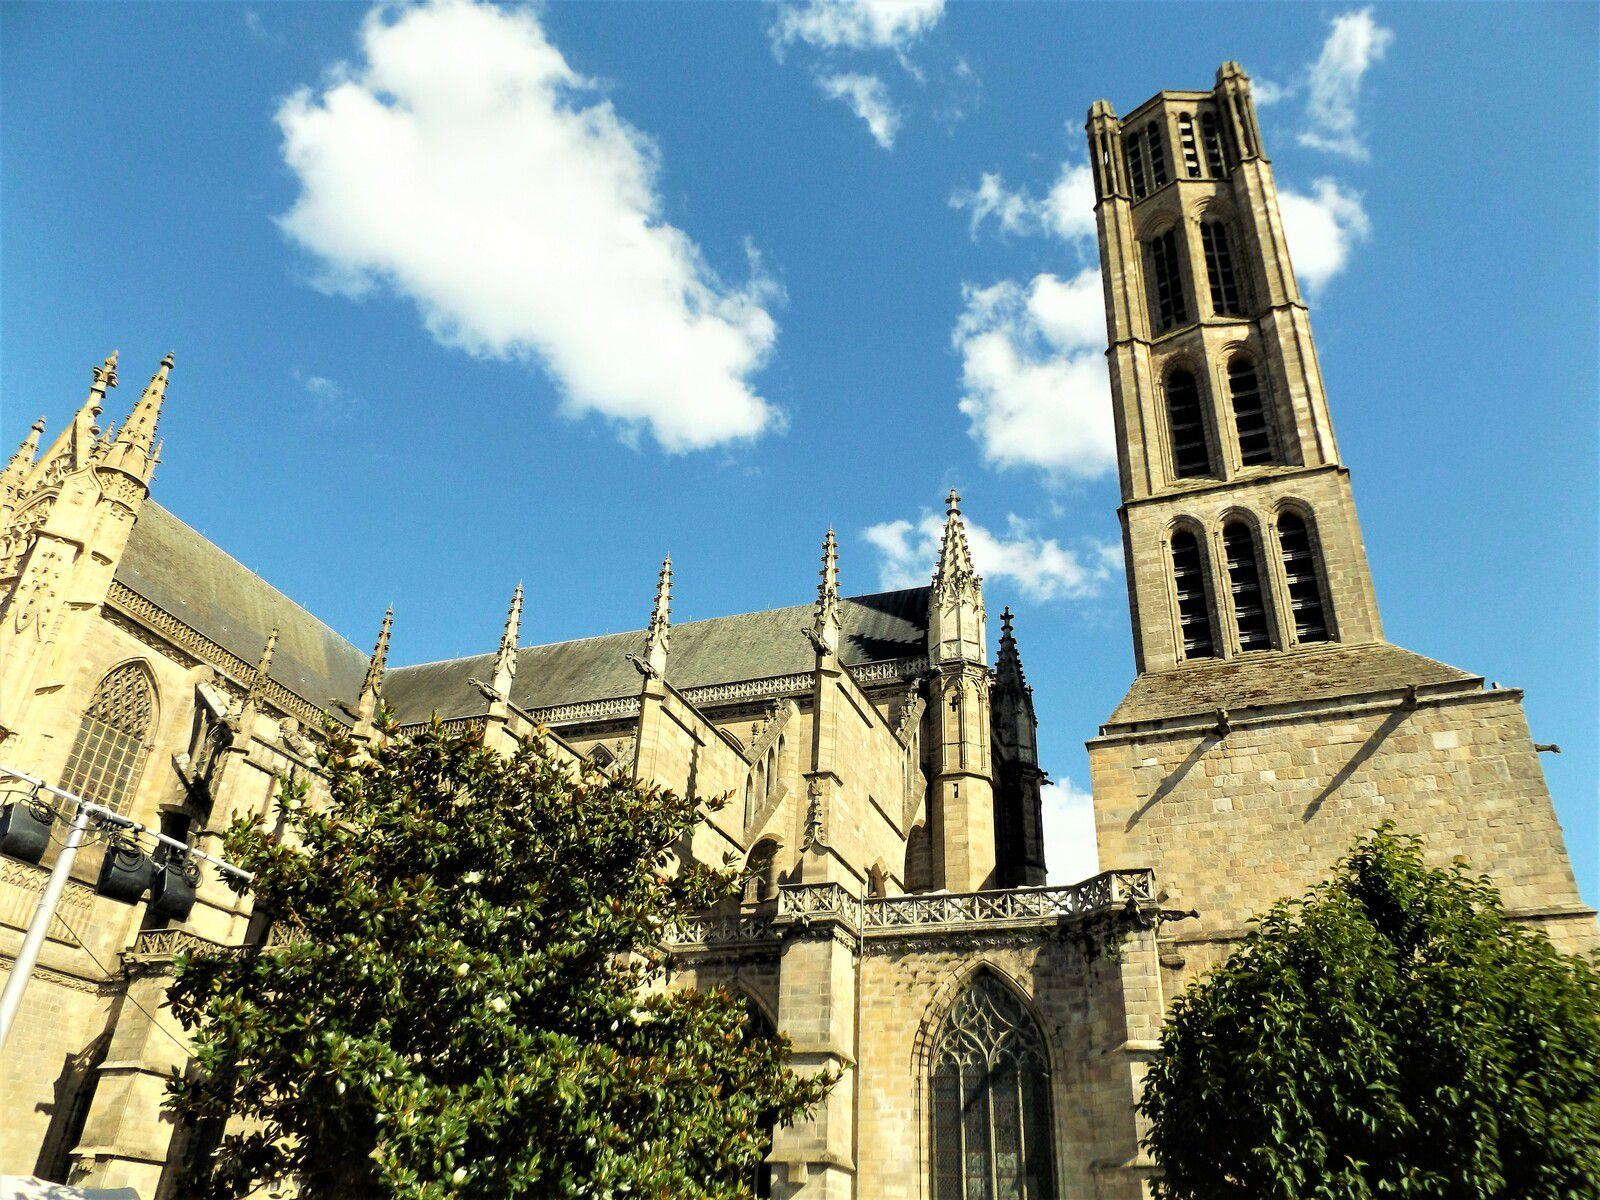 La cathédrale Saint Etienne de Limoges avec son narthex qui relie la nef au clocher